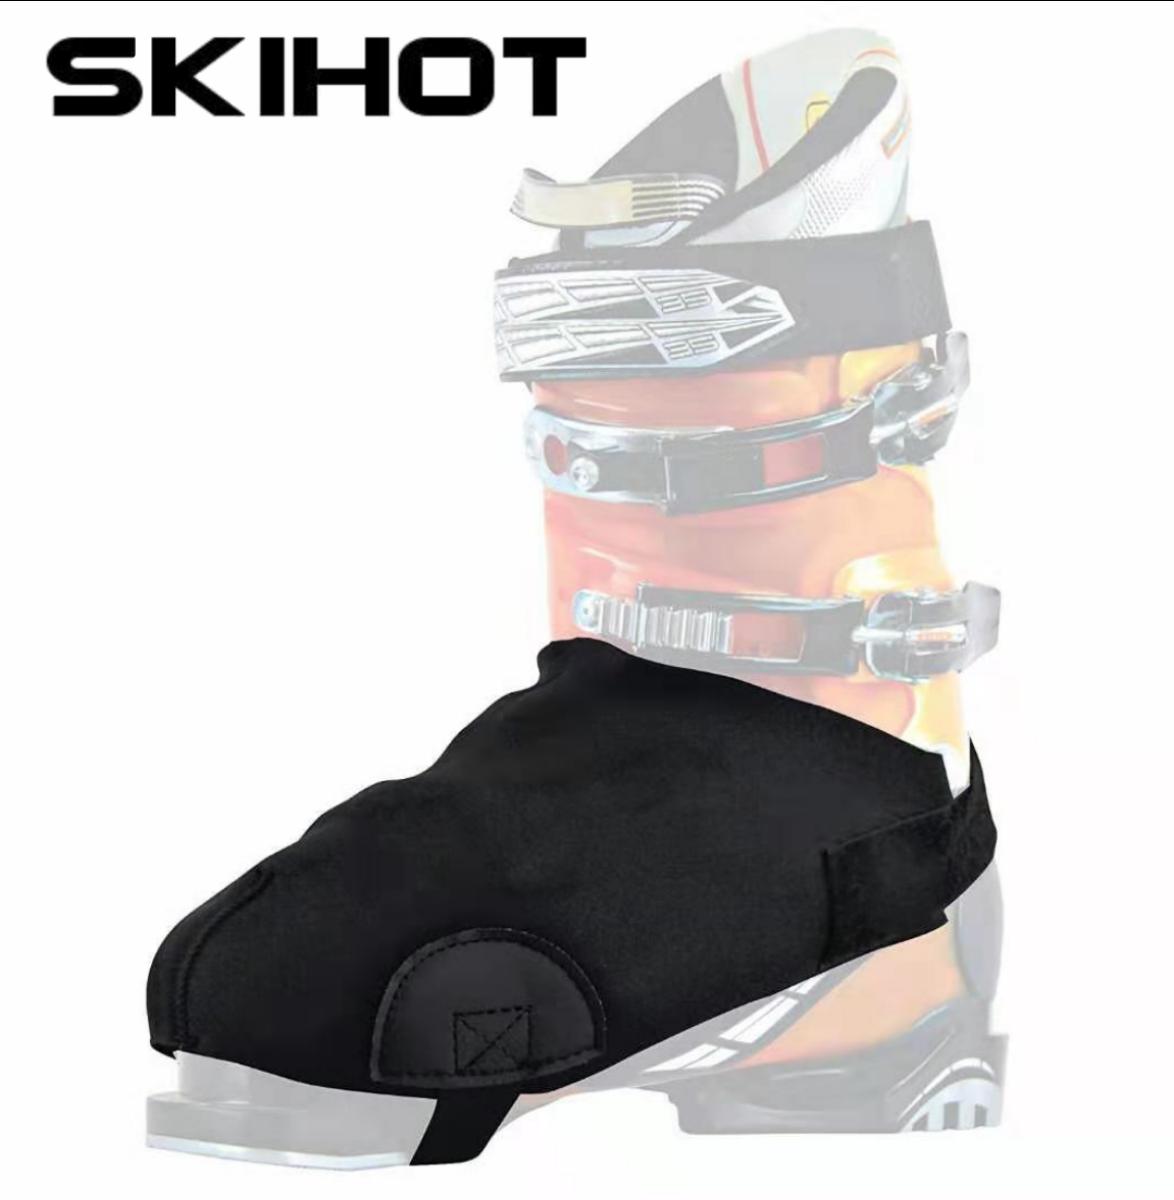 SKIHOT ouble Лыжная обувь водонепроницаемая теплая крышка для обуви черная защита для снега